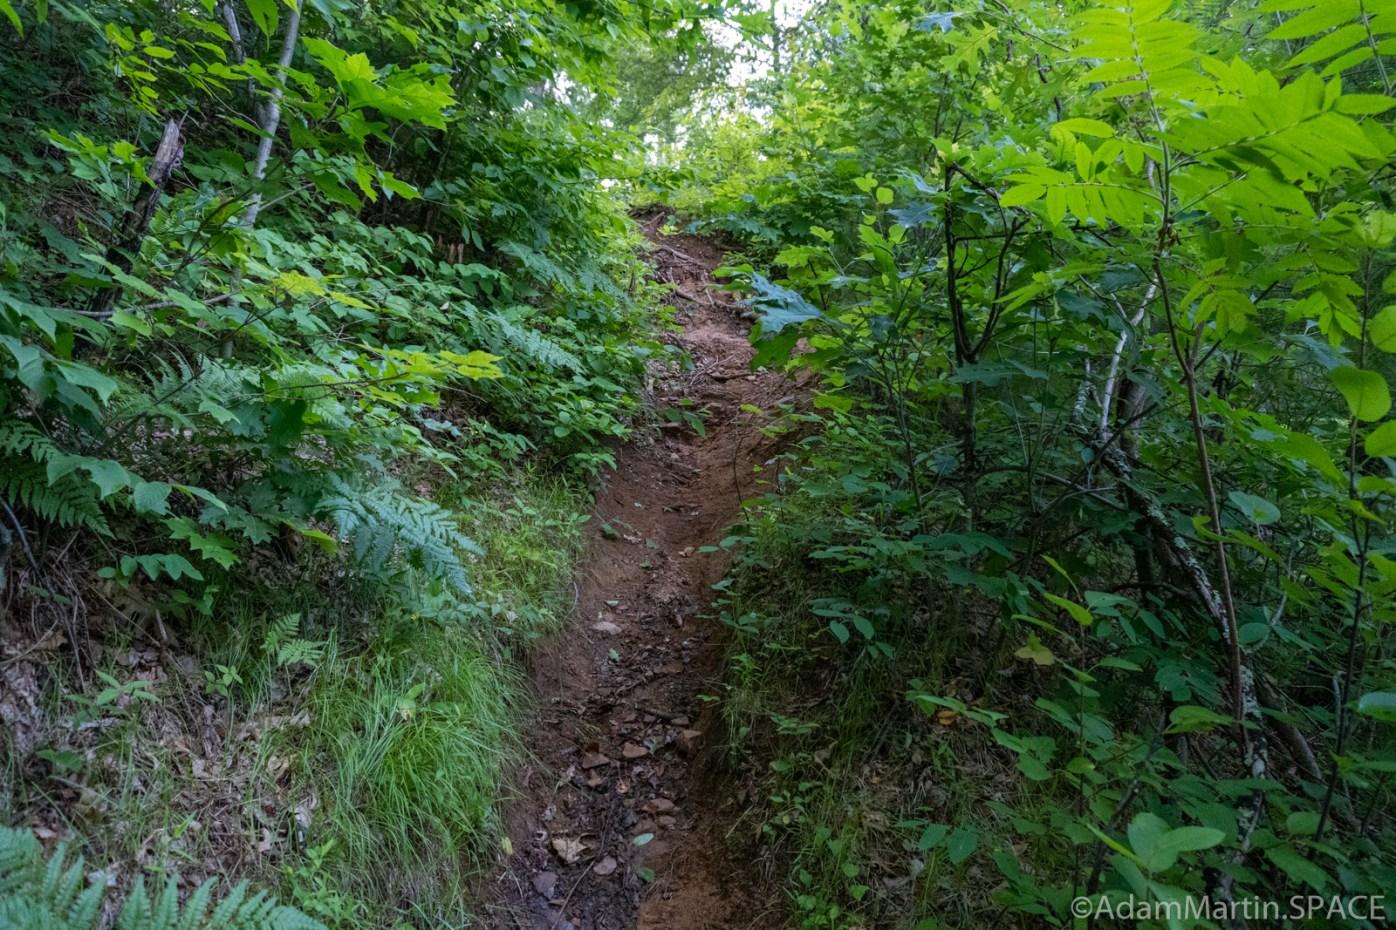 Hamilton Falls - Steep access path down the hill